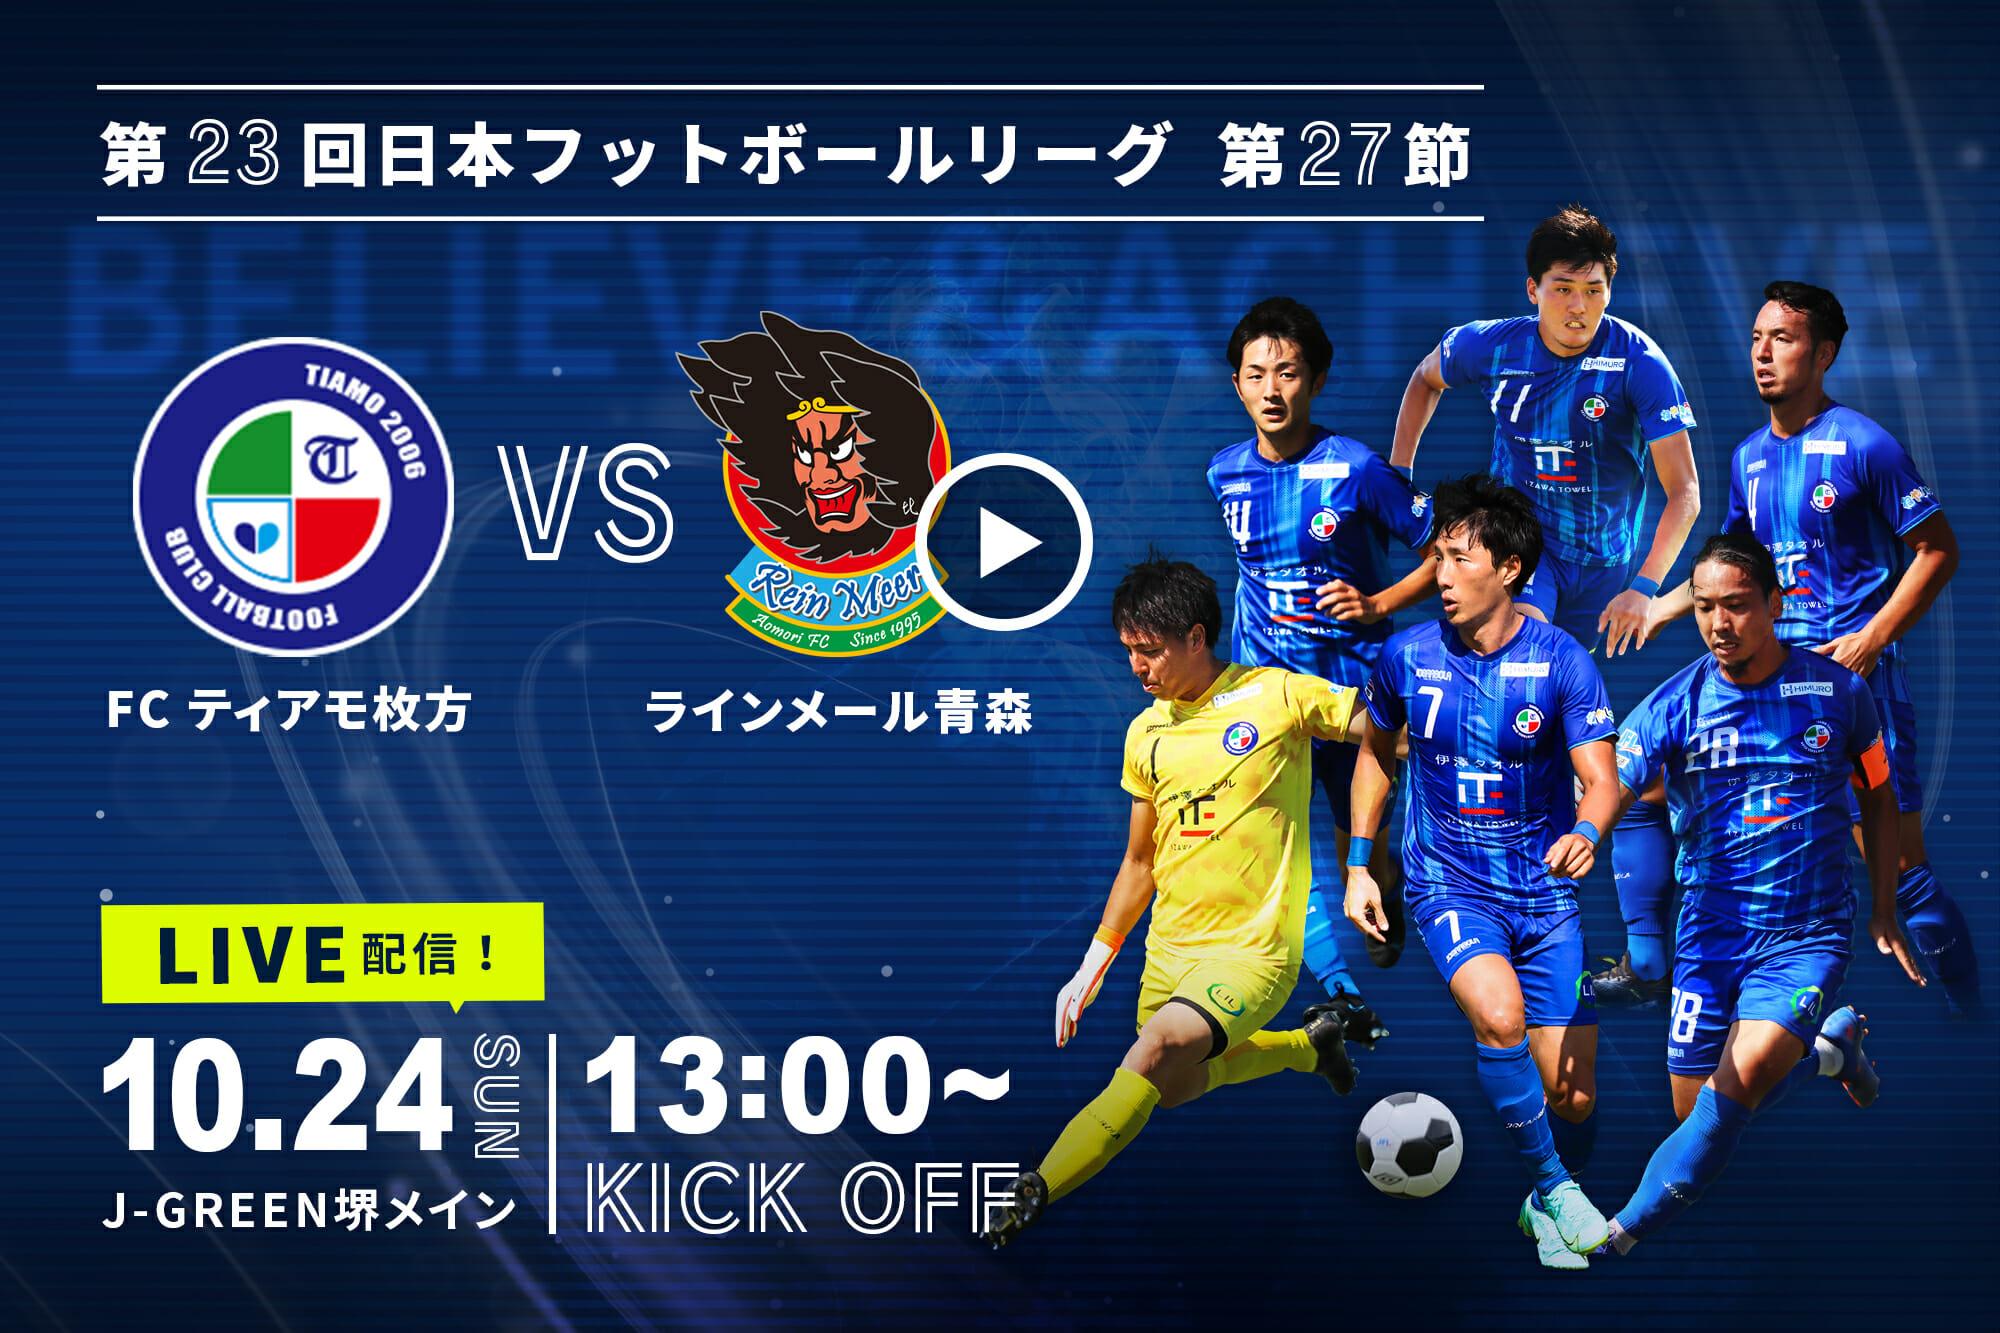 第23回日本フットボールリーグ第27節 <br>FC ティアモ枚方 VS ラインメール青森